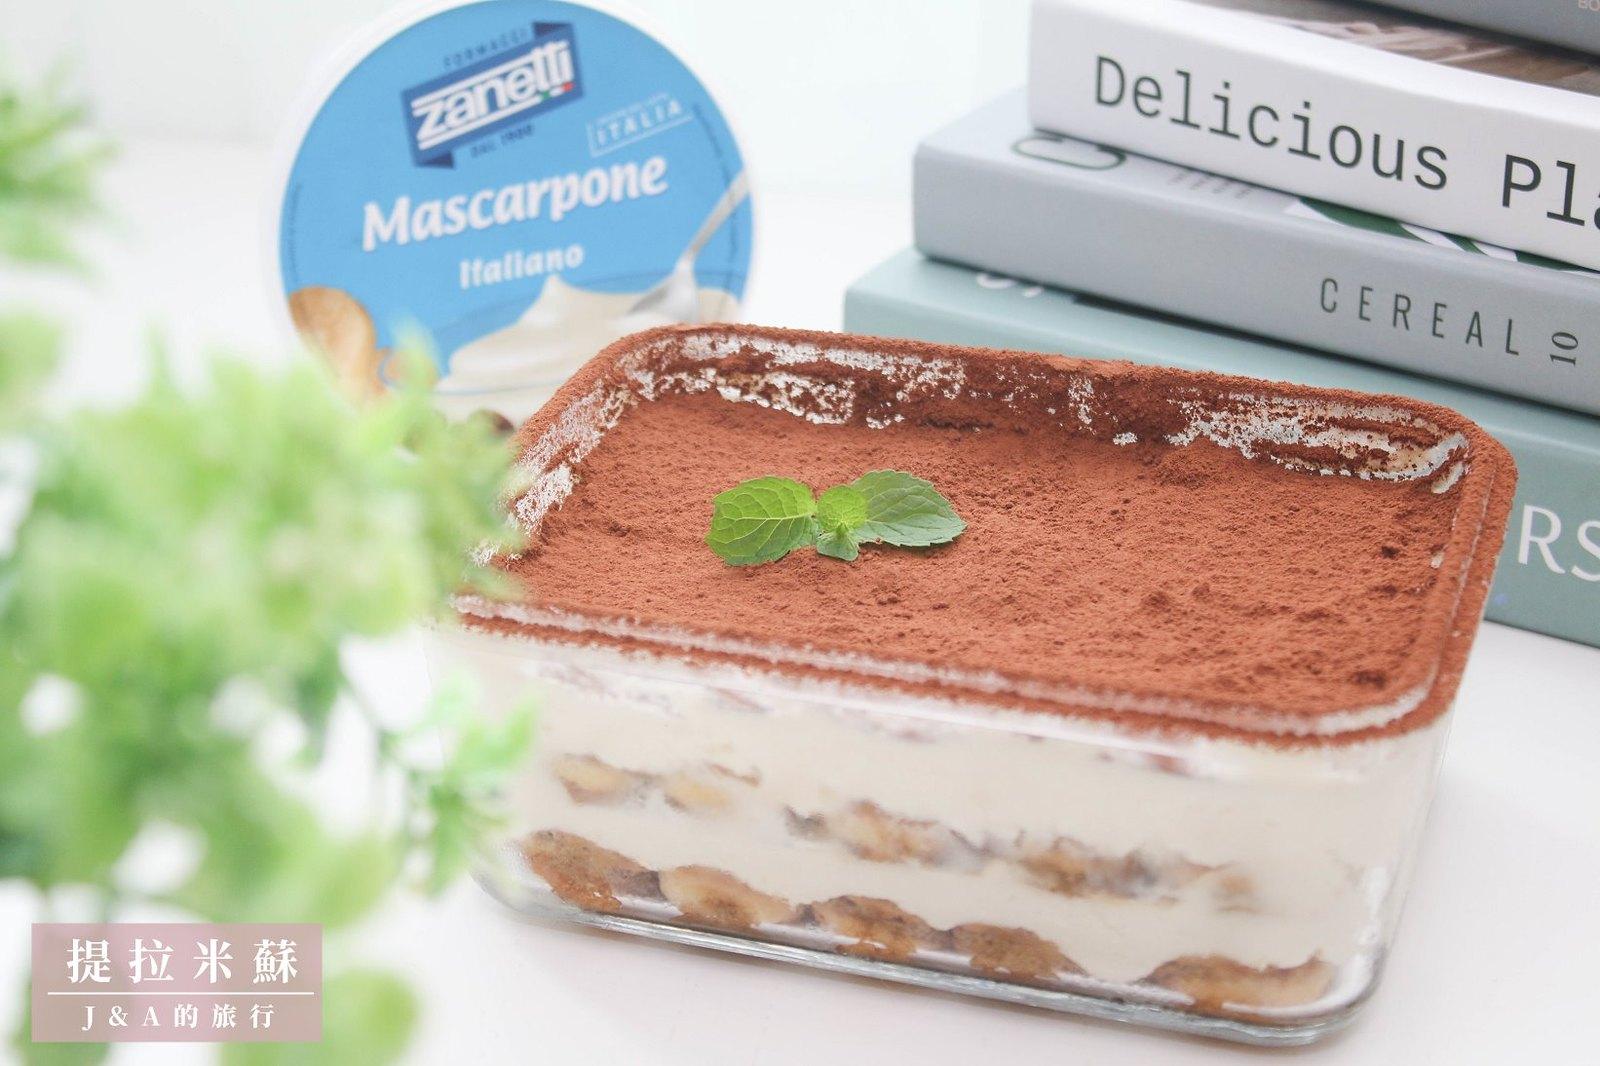 最新推播訊息:經典義式甜點「無生蛋」提拉米蘇輕鬆做!